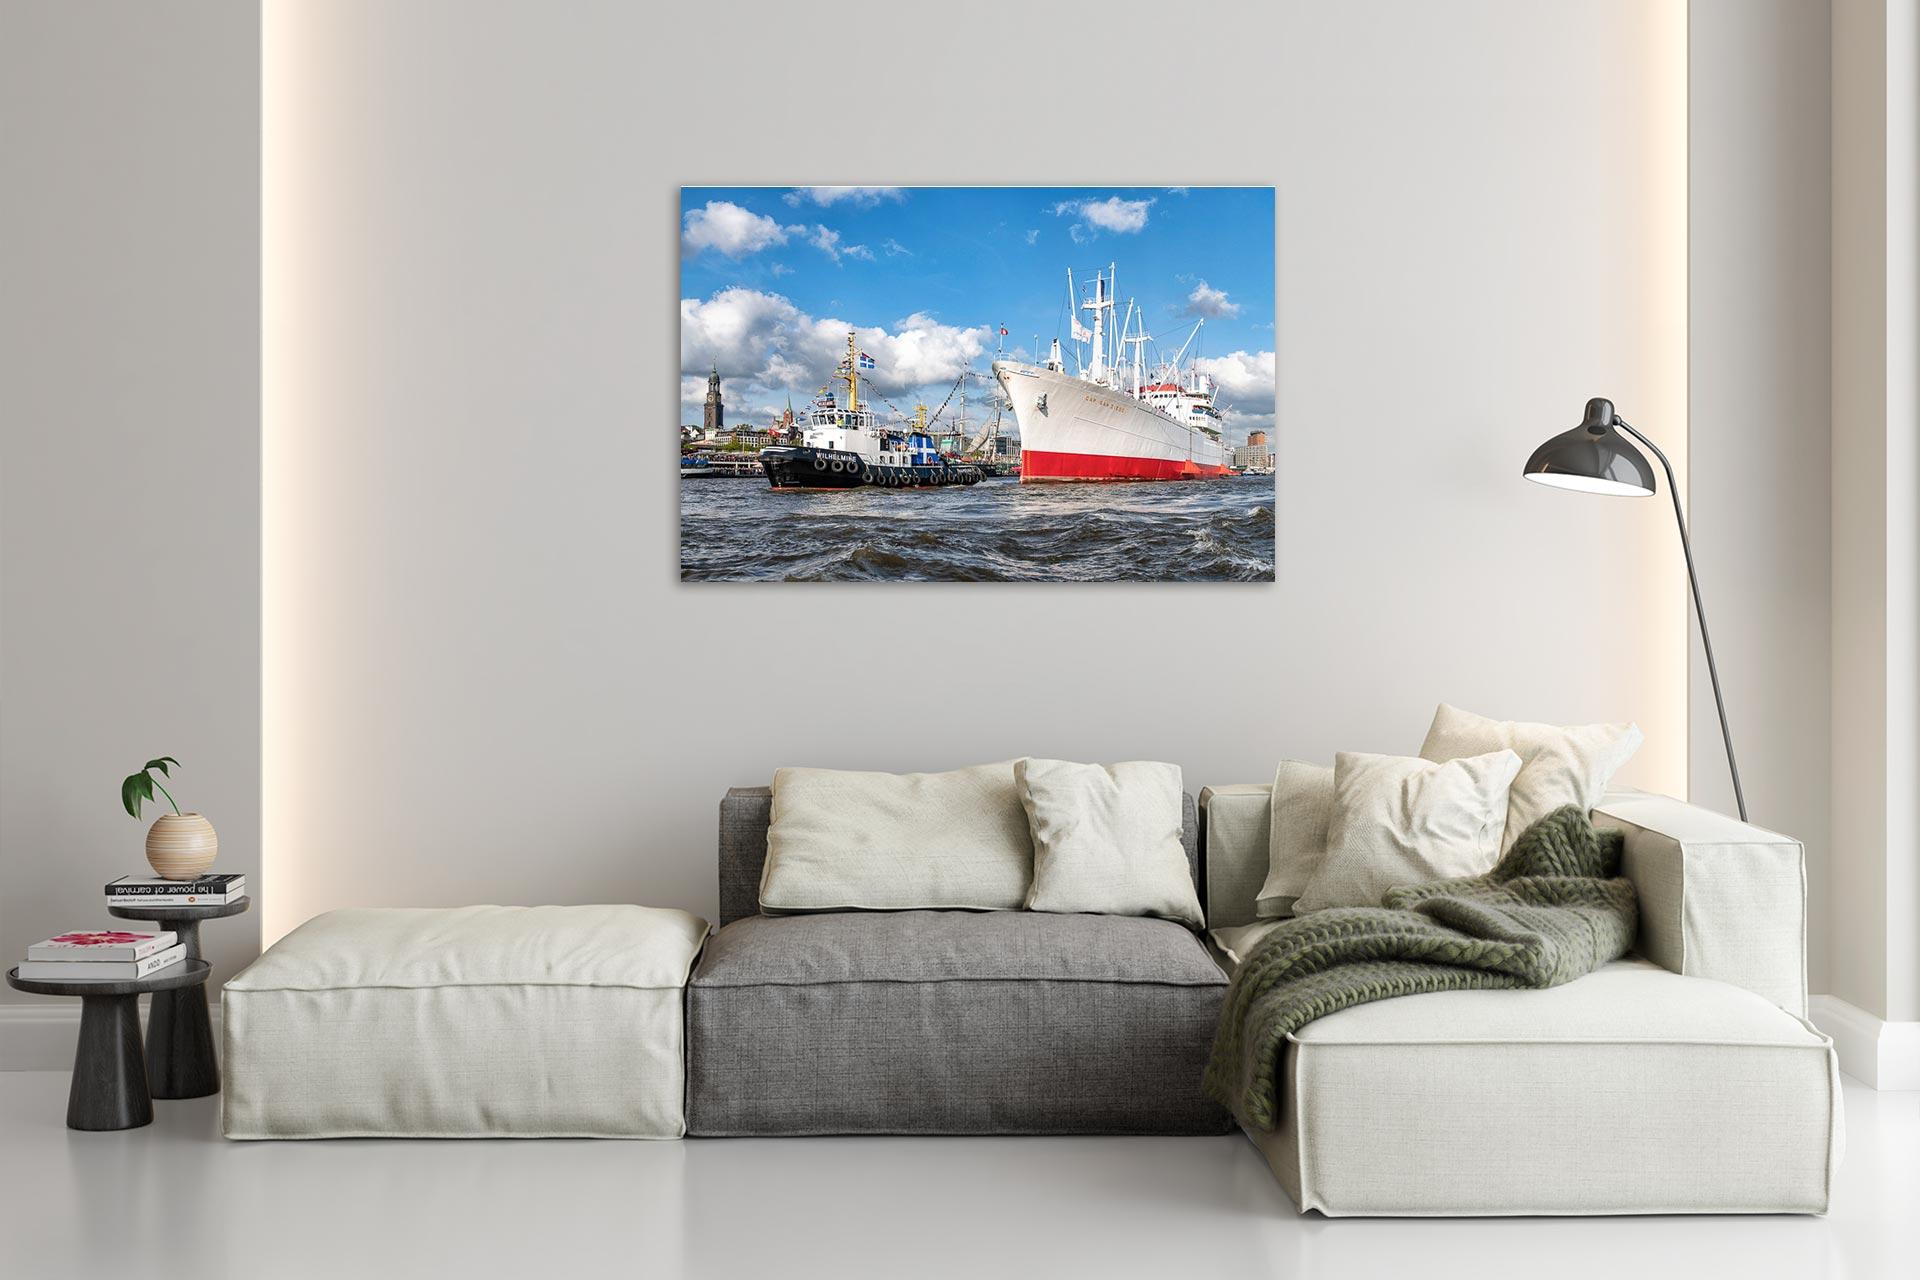 LCW275-wilhelmine-hamburg-wandbild-bild-auf-leinwand-acrylglas-aludibond-wohnzimmer